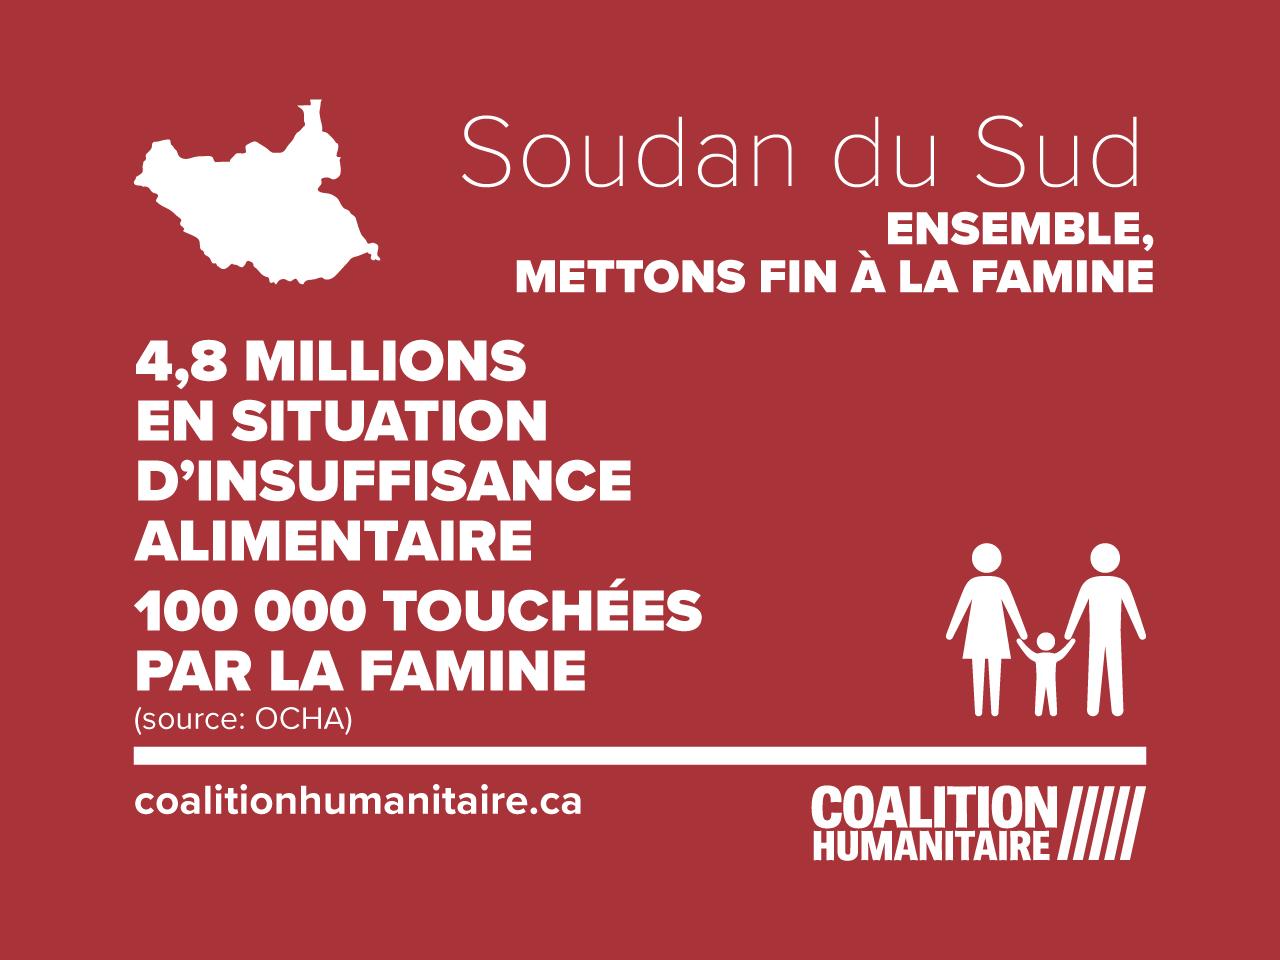 Crise alimentaire Soudan du Sud infographic